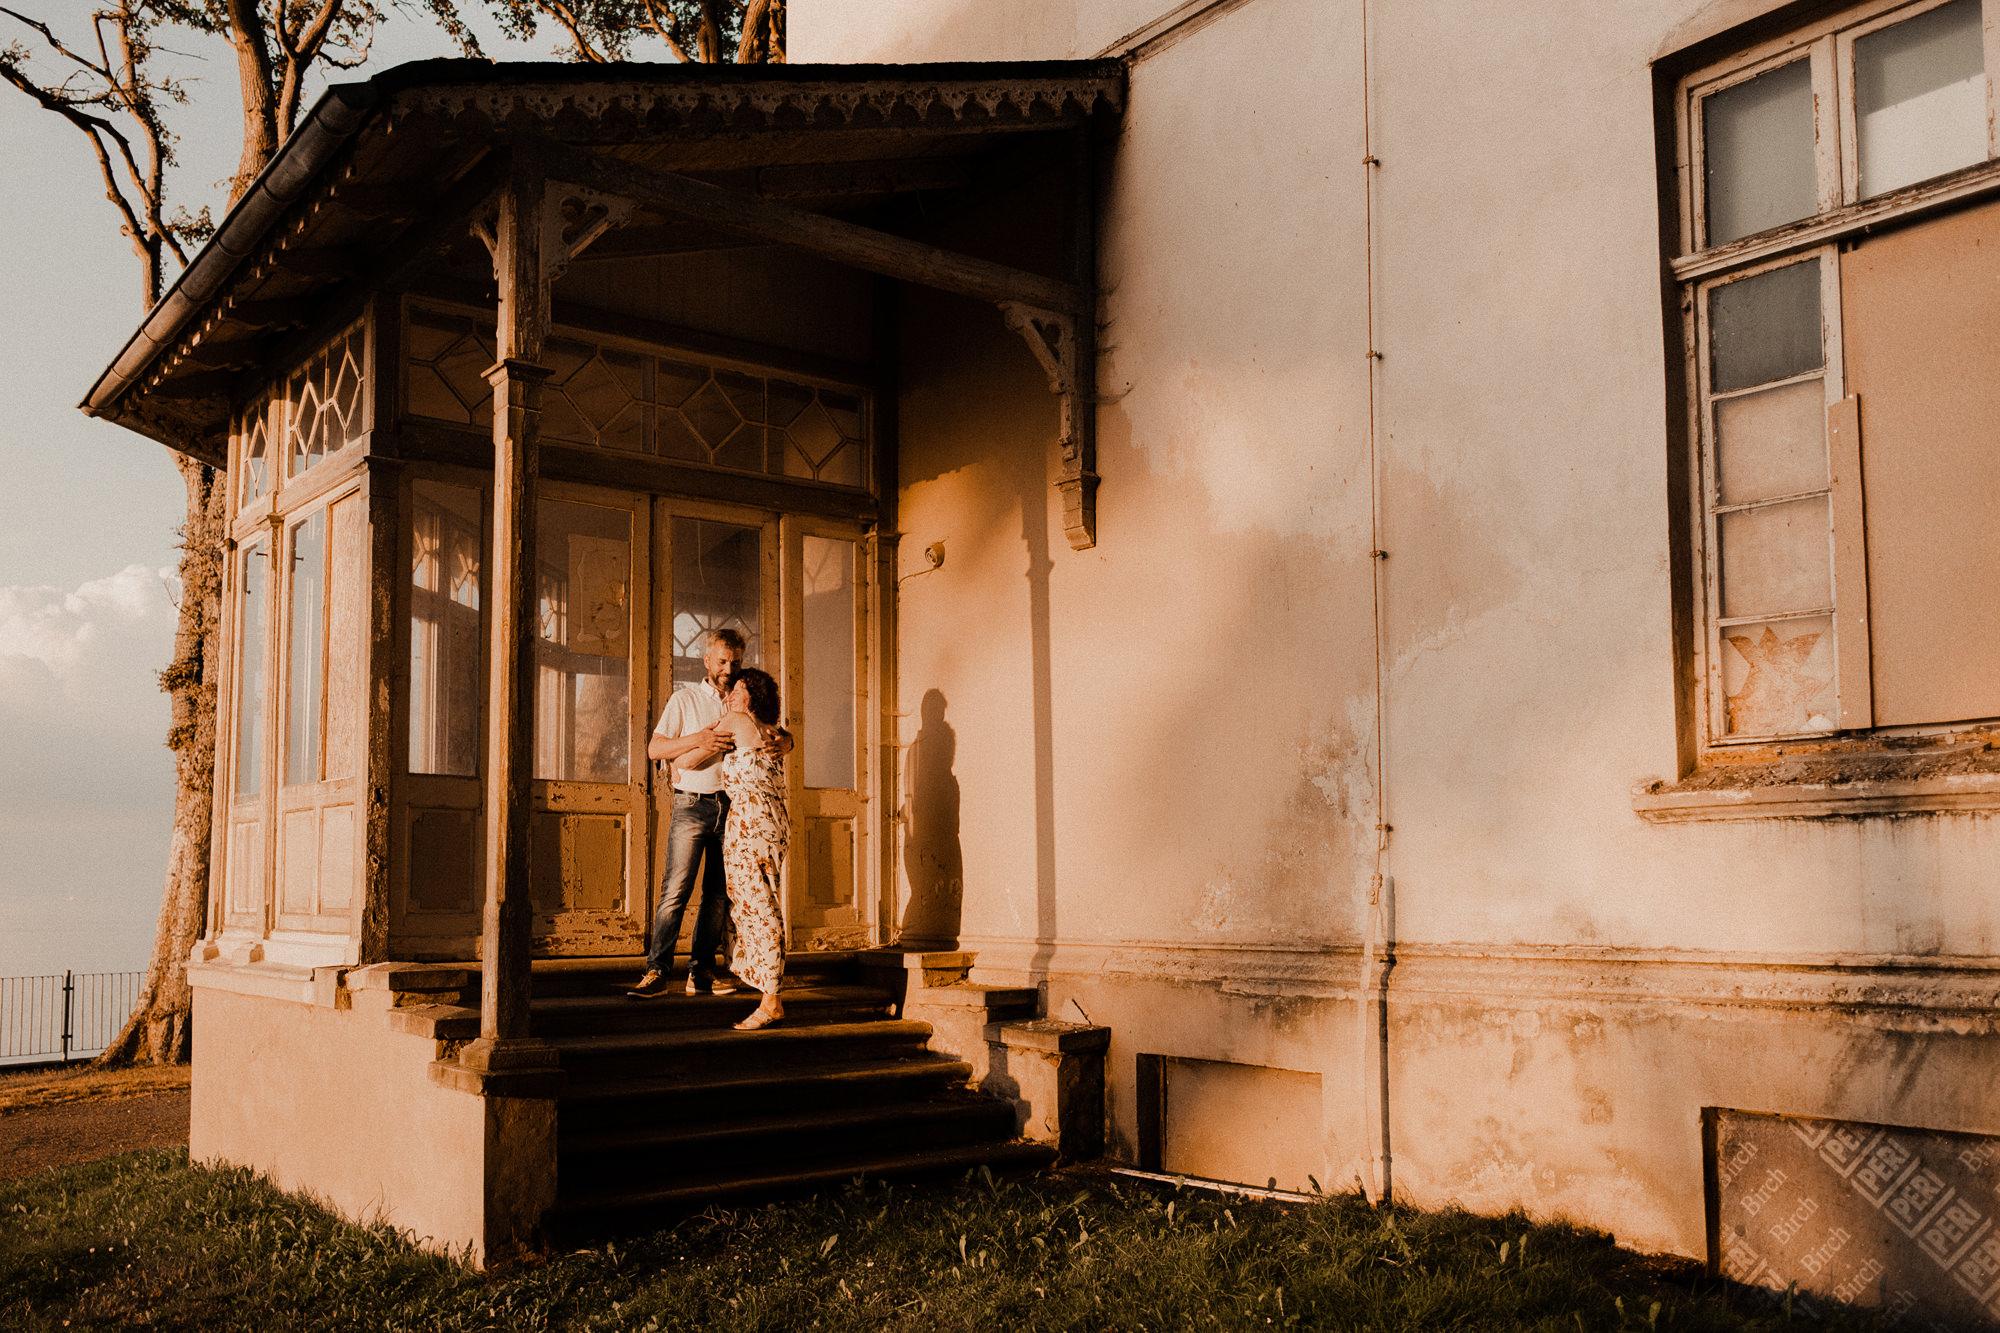 Fotograf - Heiligendamm - Paarshooting - Rostock - Hochzeitsfotograf - Warnemünde - Pärchenfotografie - Ostsee